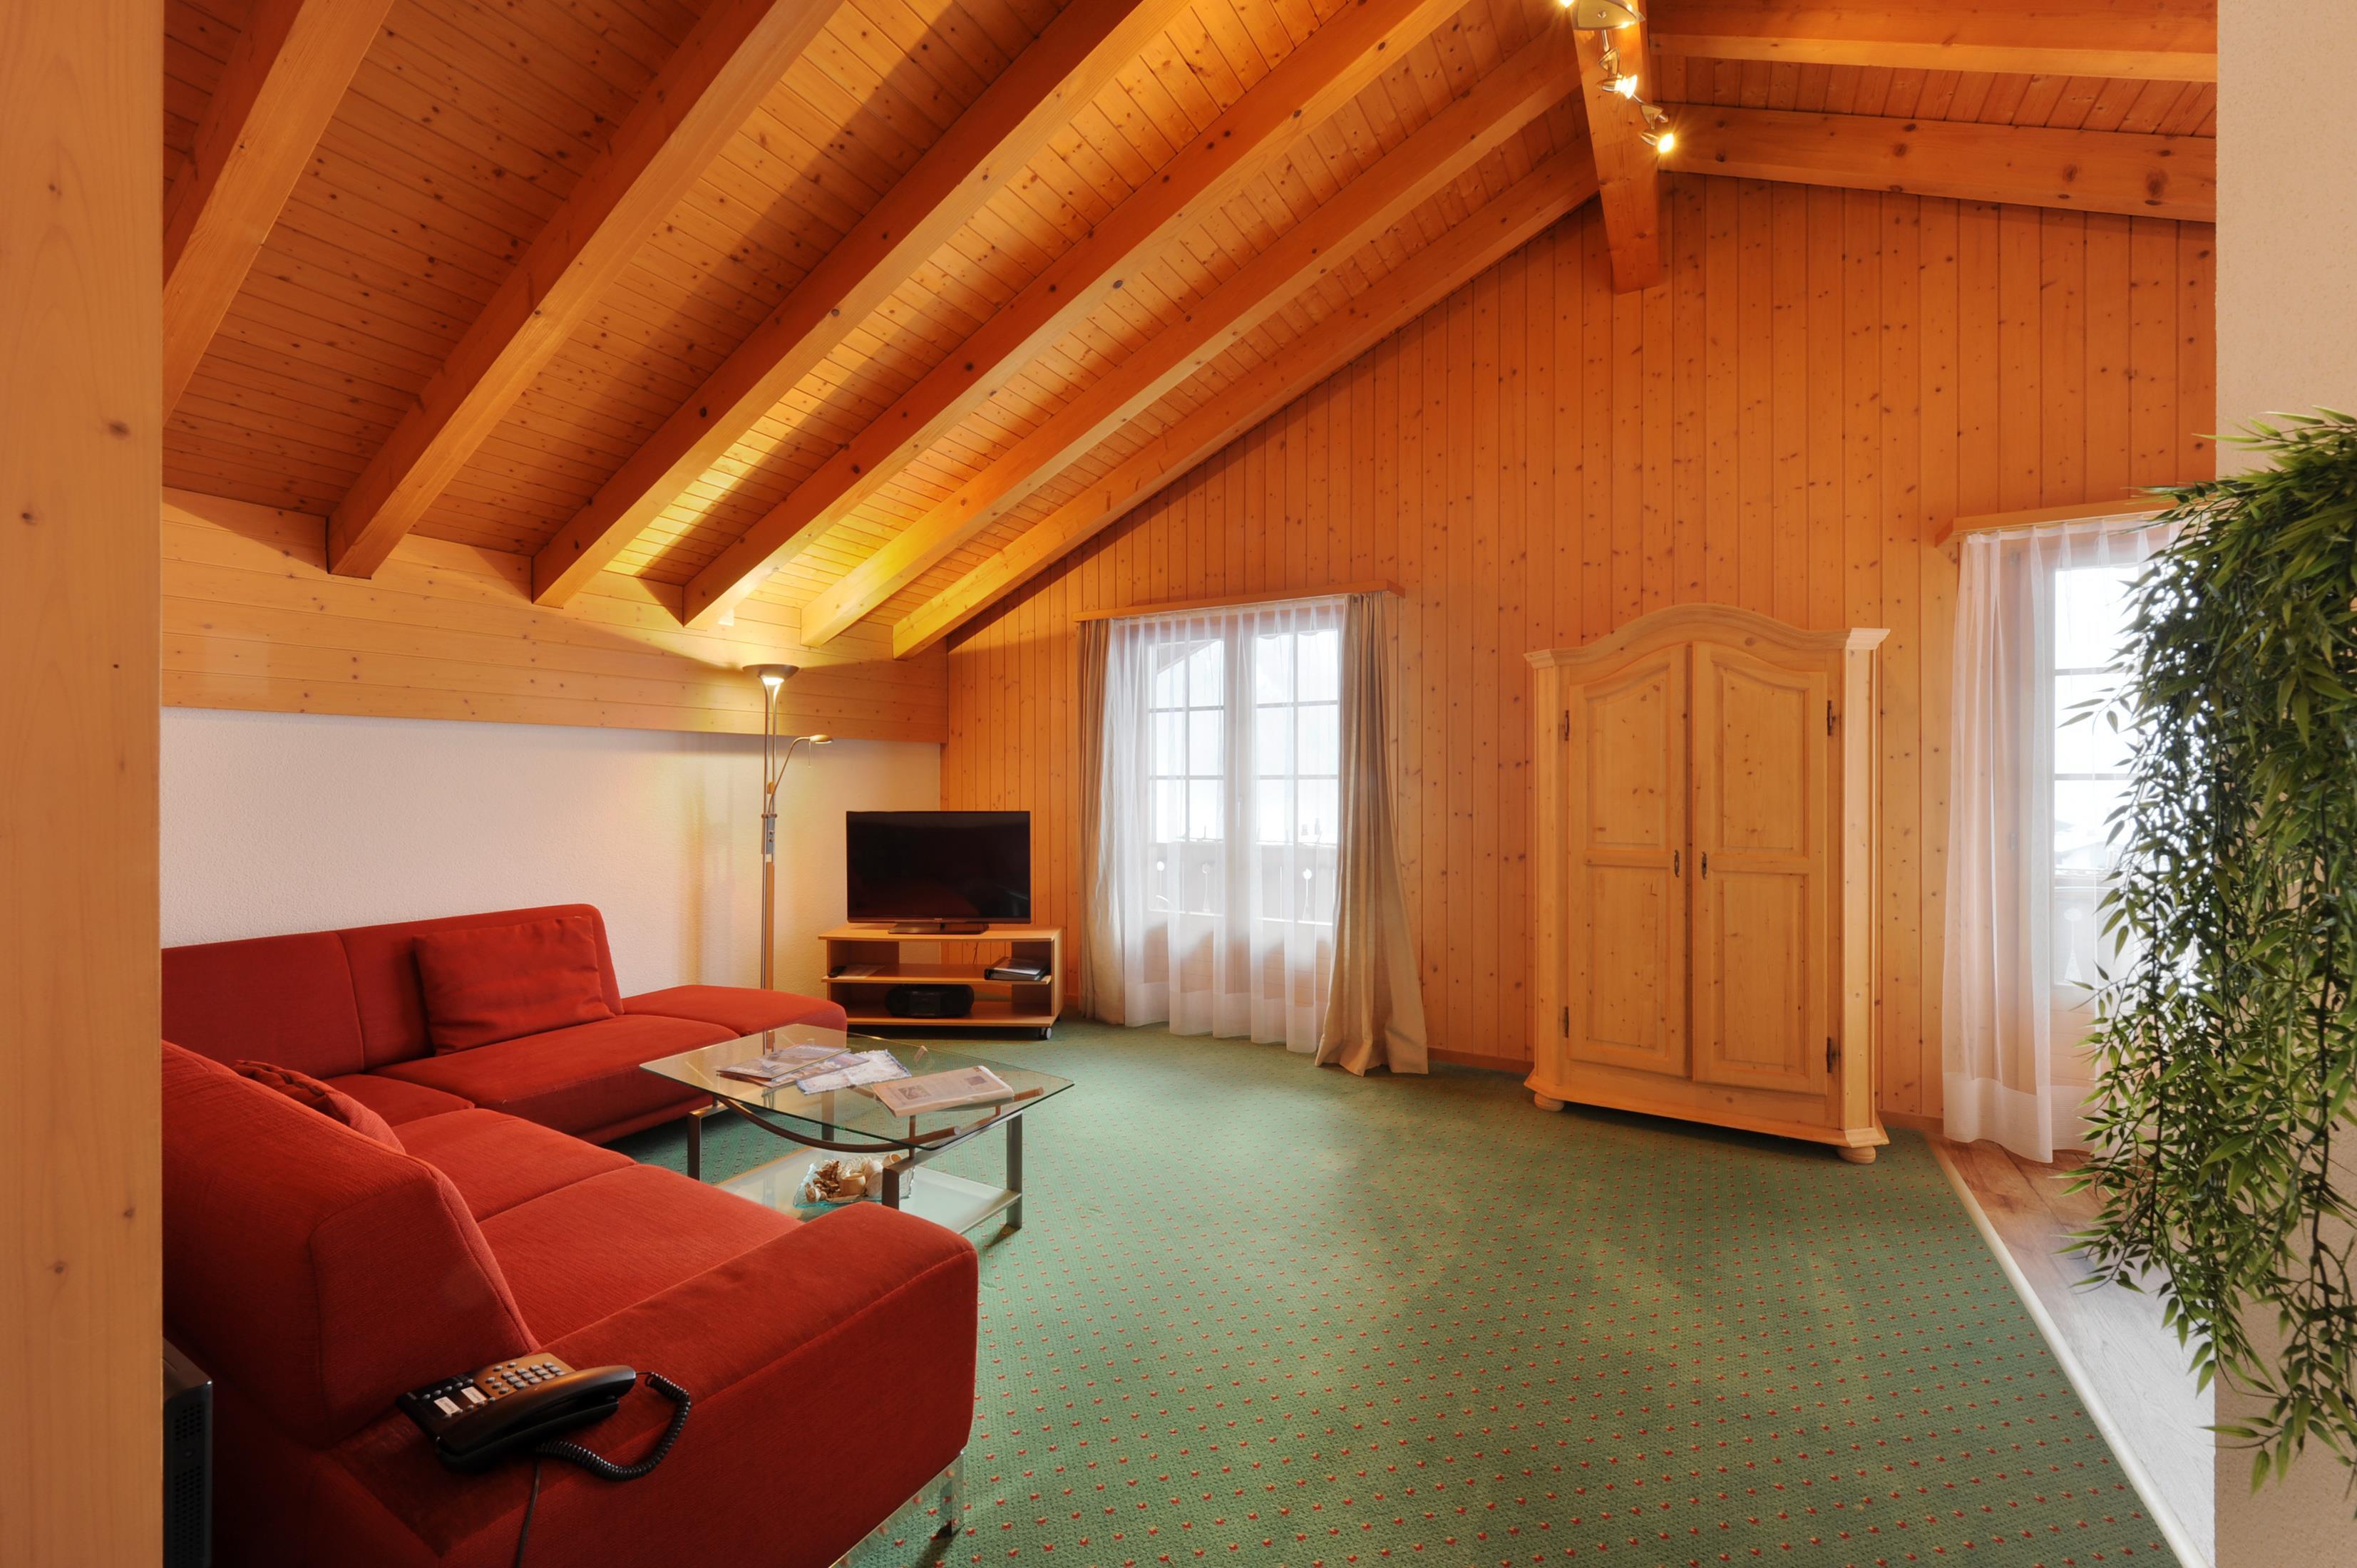 Appartement de vacances Furggenhorn App. 573 4 Bett Wohnung Obj. 4068 (2692219), Grindelwald, Région de la Jungfrau, Oberland bernois, Suisse, image 4